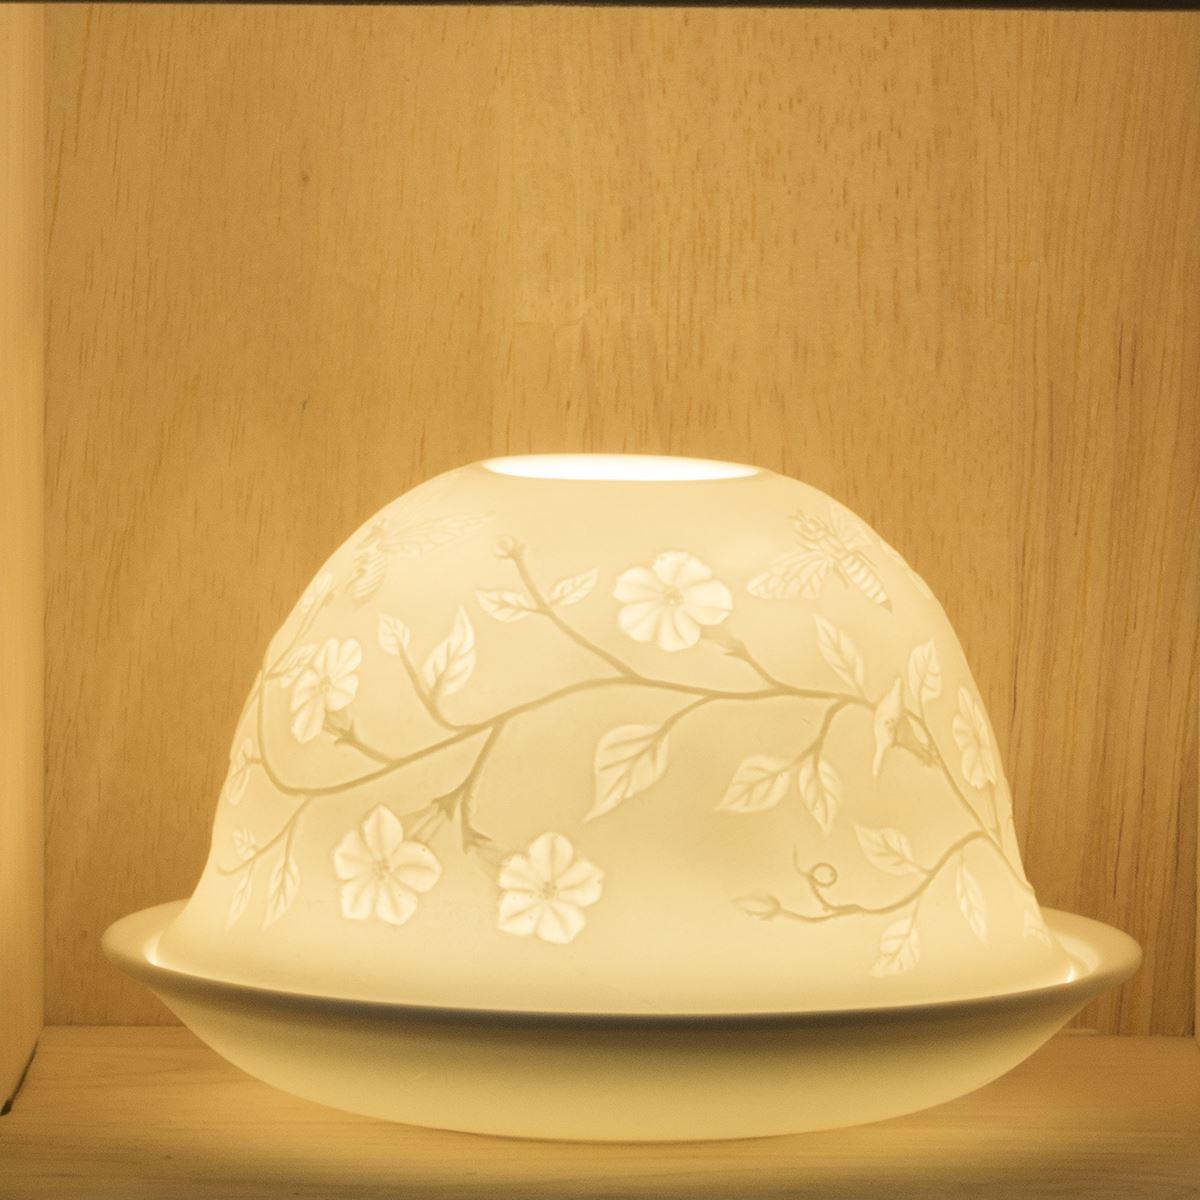 nordic lights candle shade tray tea light holder oil burner for candles ebay. Black Bedroom Furniture Sets. Home Design Ideas